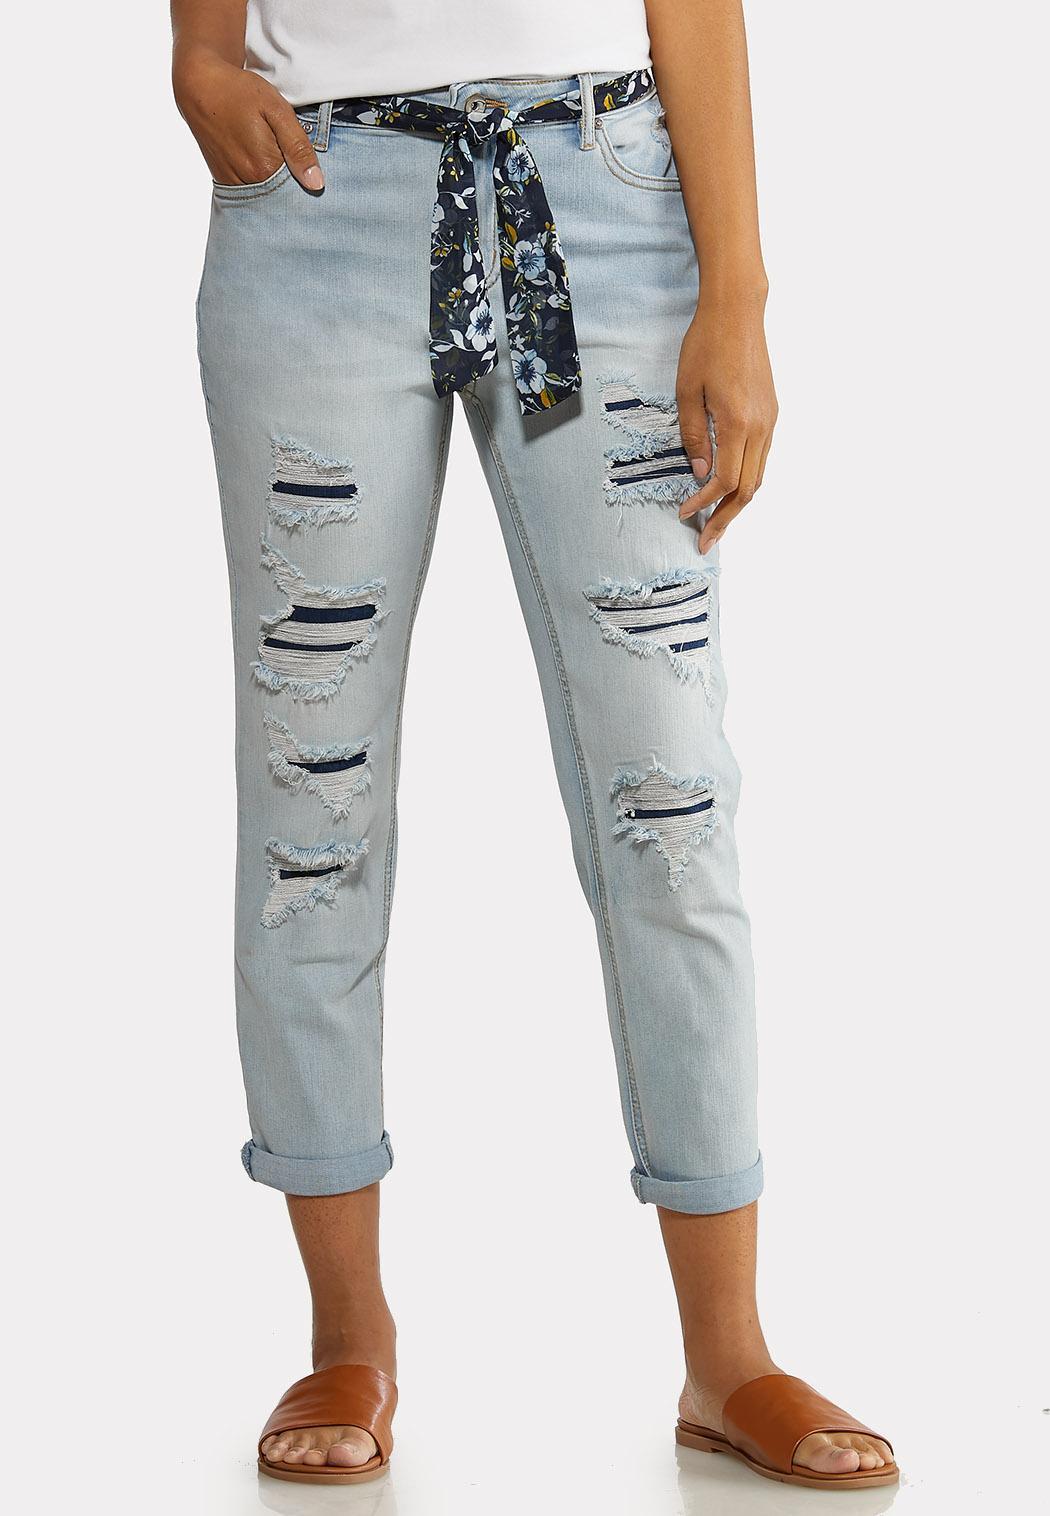 Scarf Belt Boyfriend Jeans